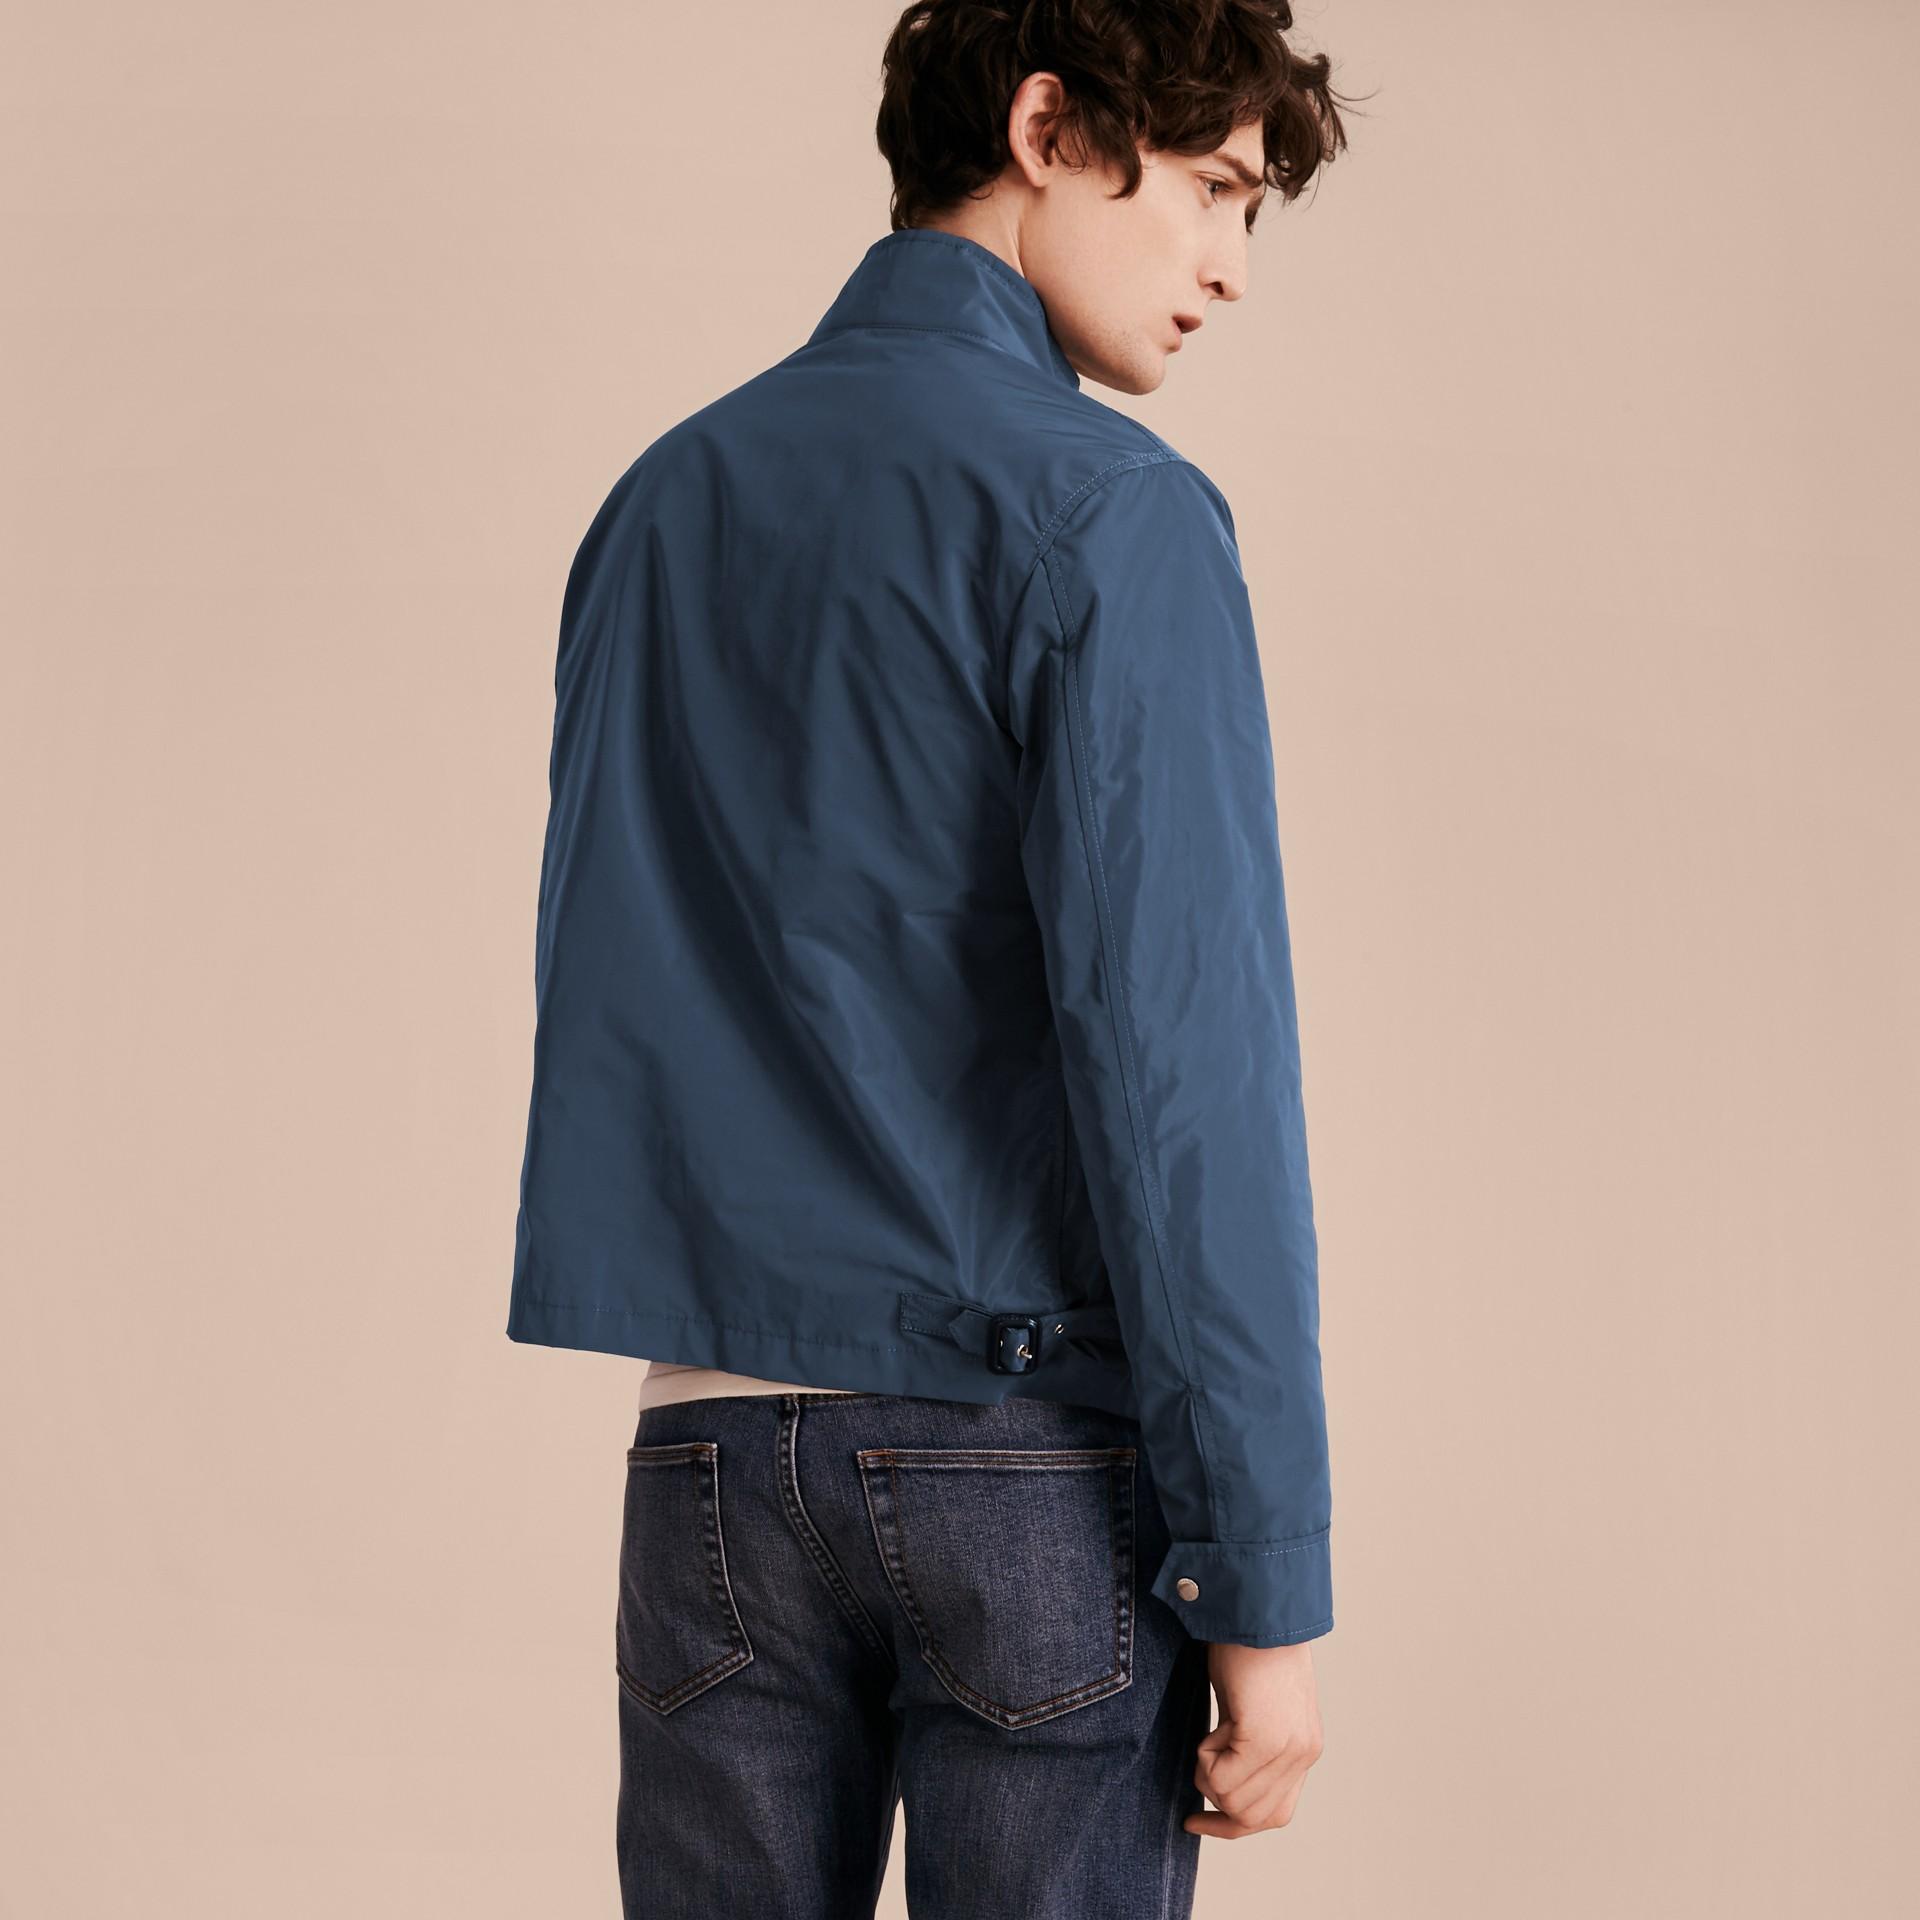 Steel blue Lightweight Technical Jacket Steel Blue - gallery image 2